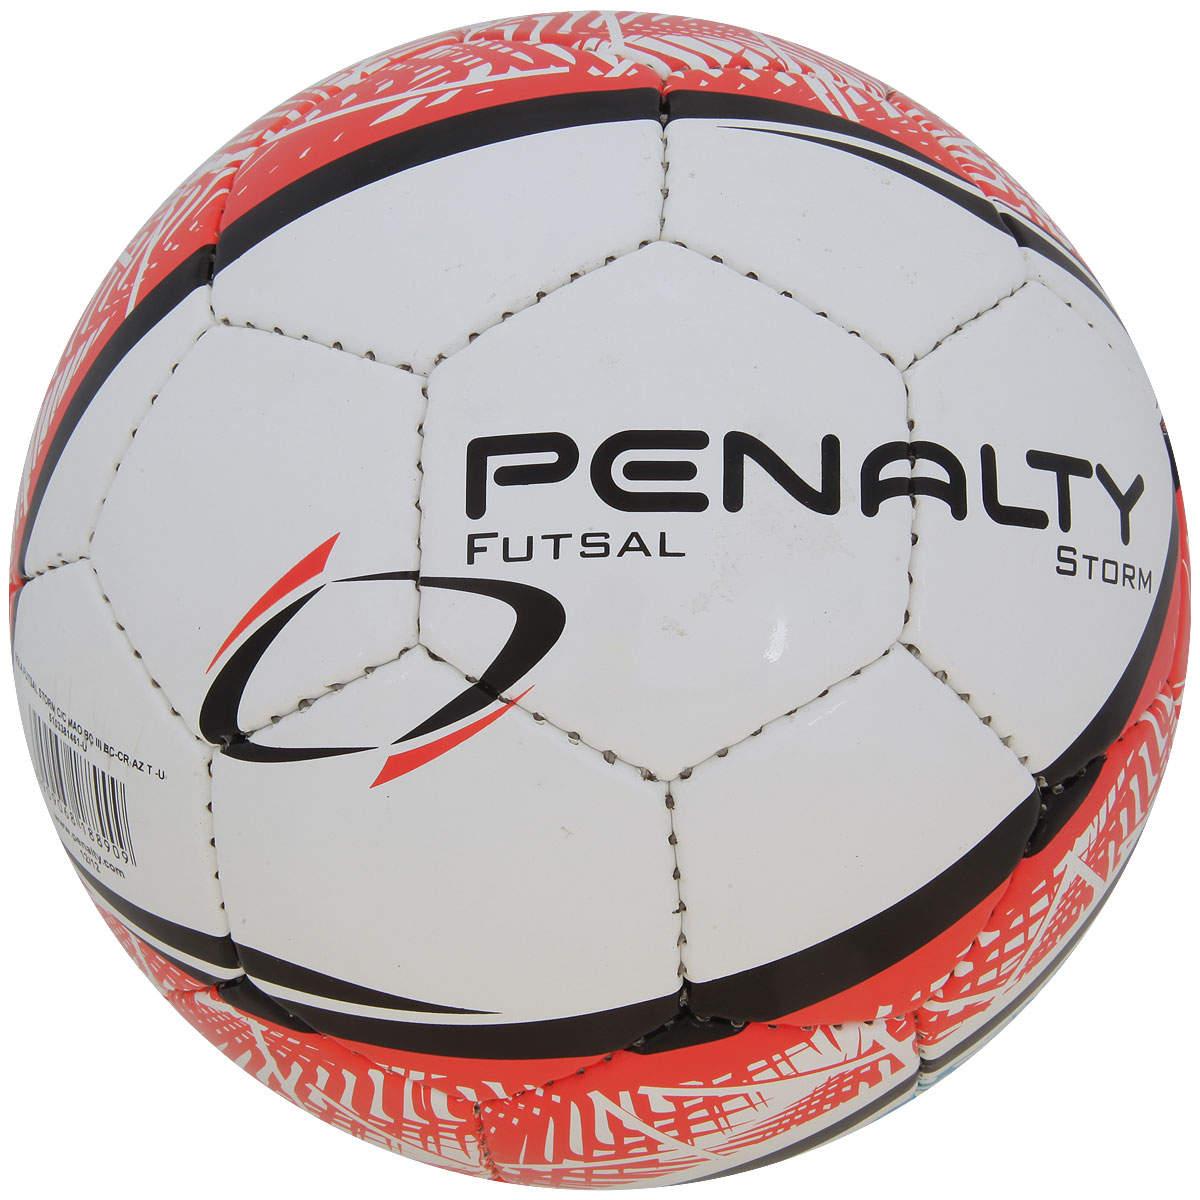 Bola de Futsal Penalty Storm